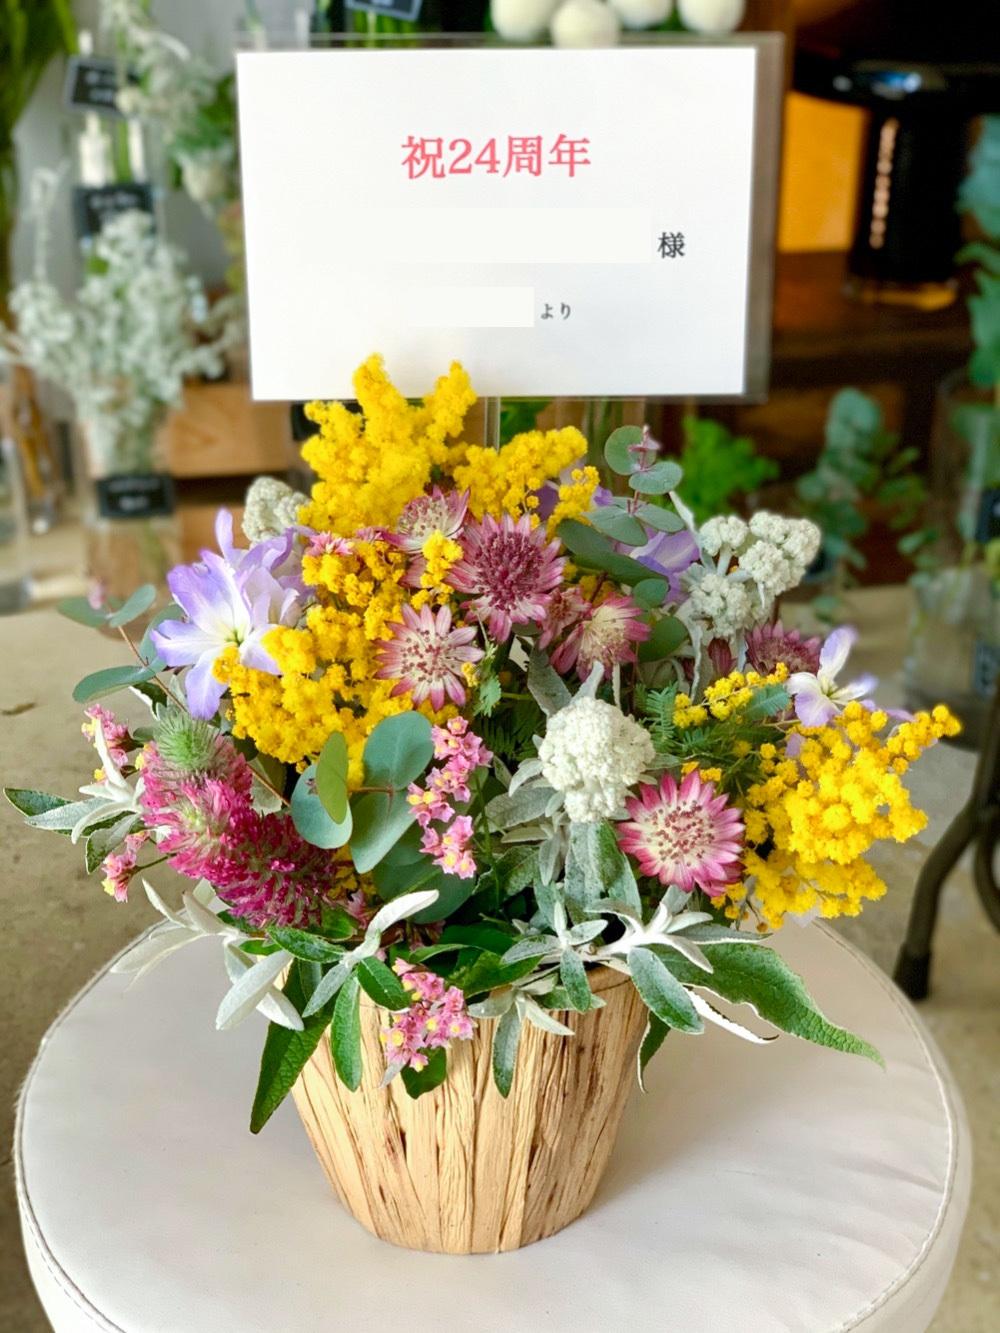 周年祝いの南フランス風の店舗様への祝い花